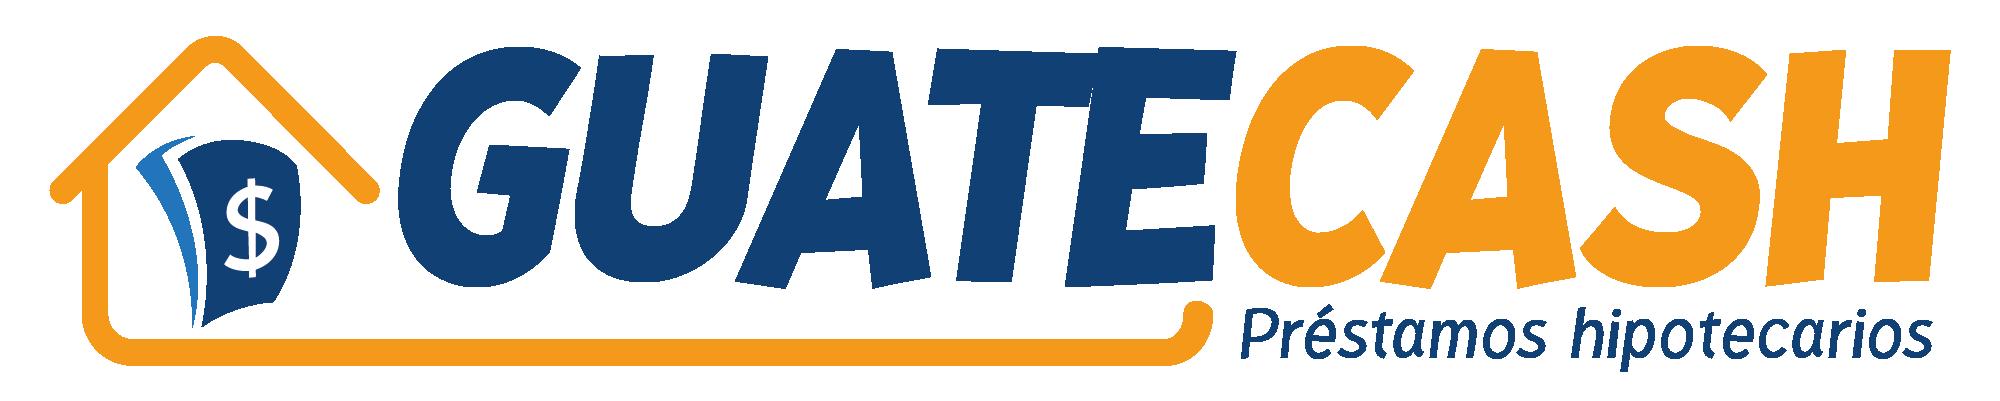 Logo GuateCash_original